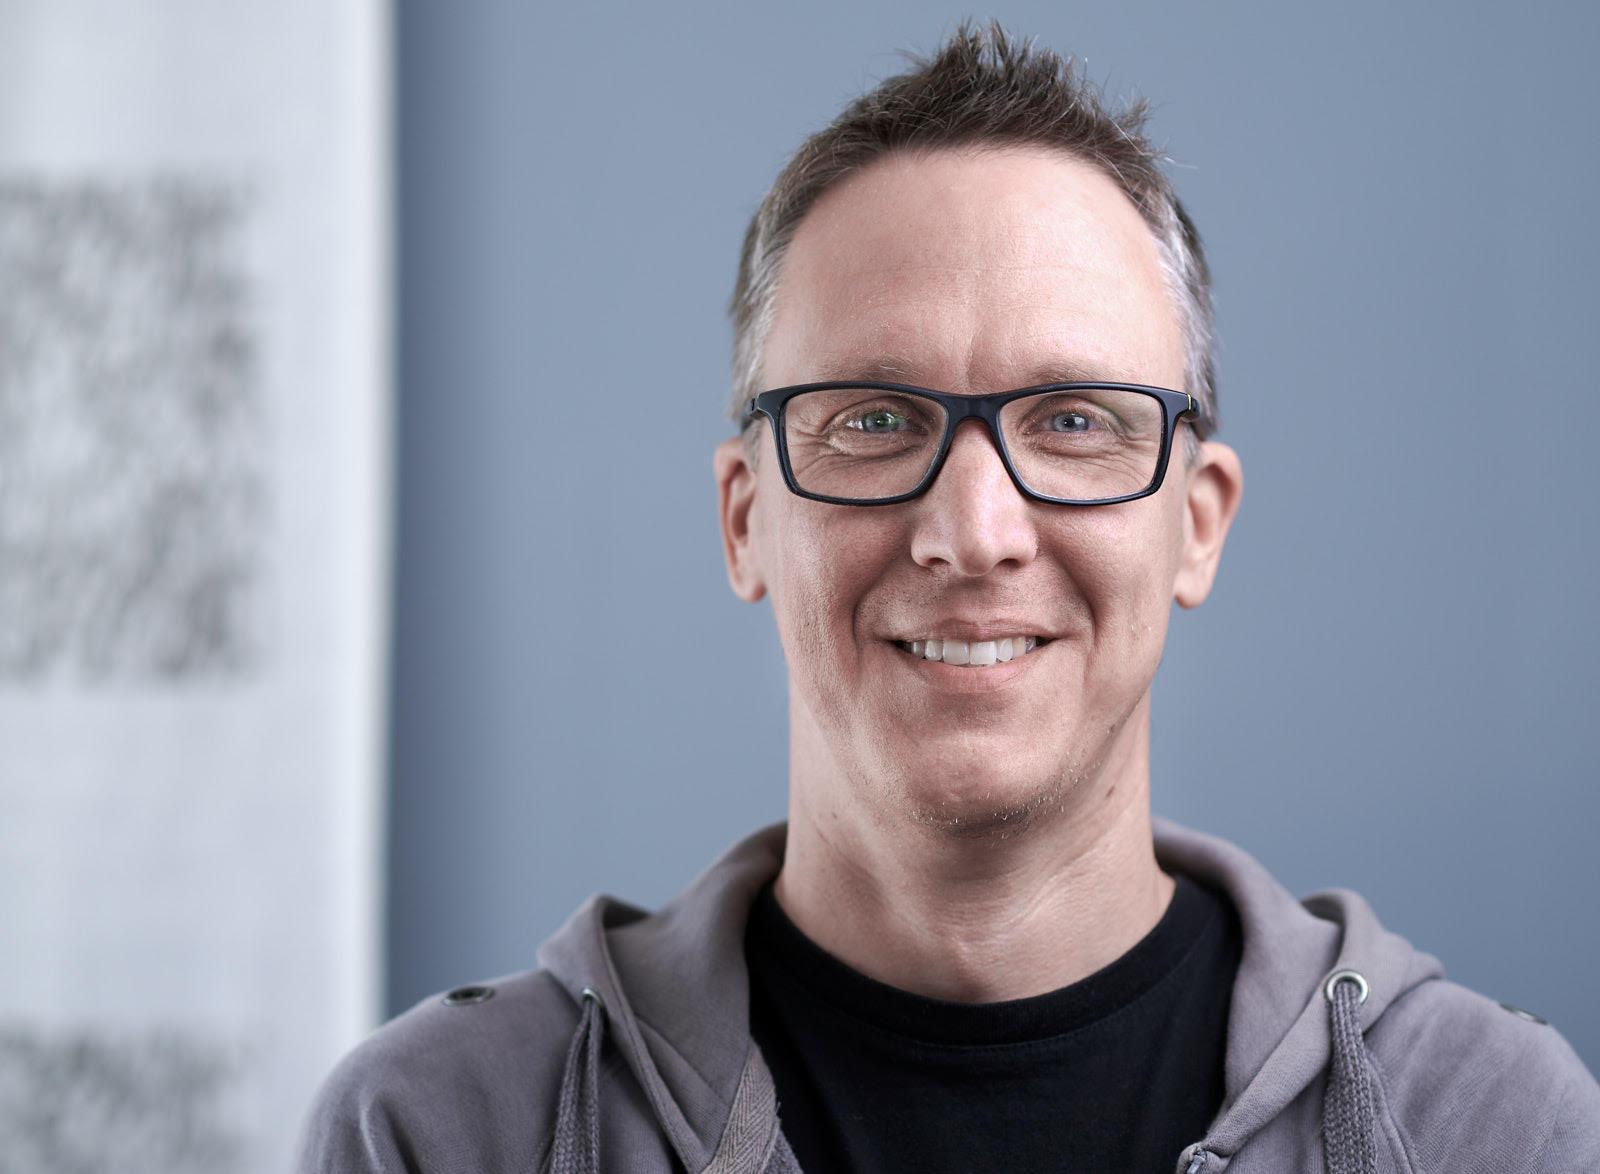 Maik Meid ist Studienleiter der Fundraising Akademie